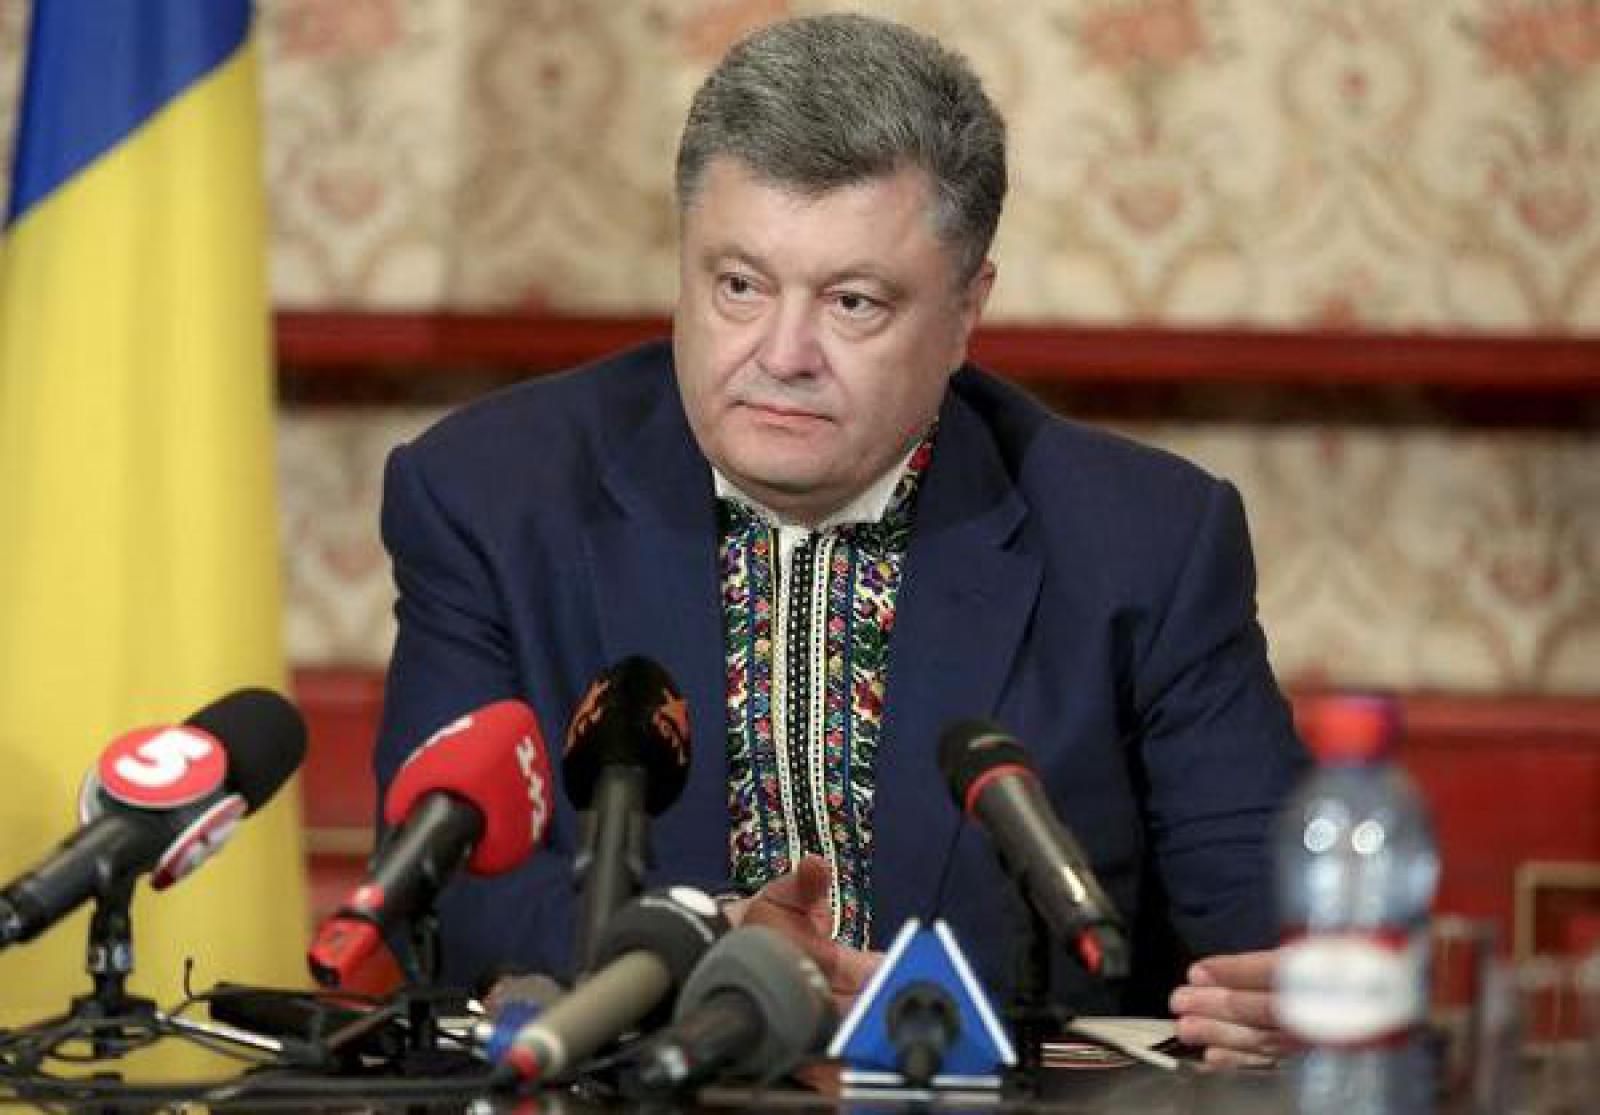 Порошенко на пресс-конференции забыл украинский язык